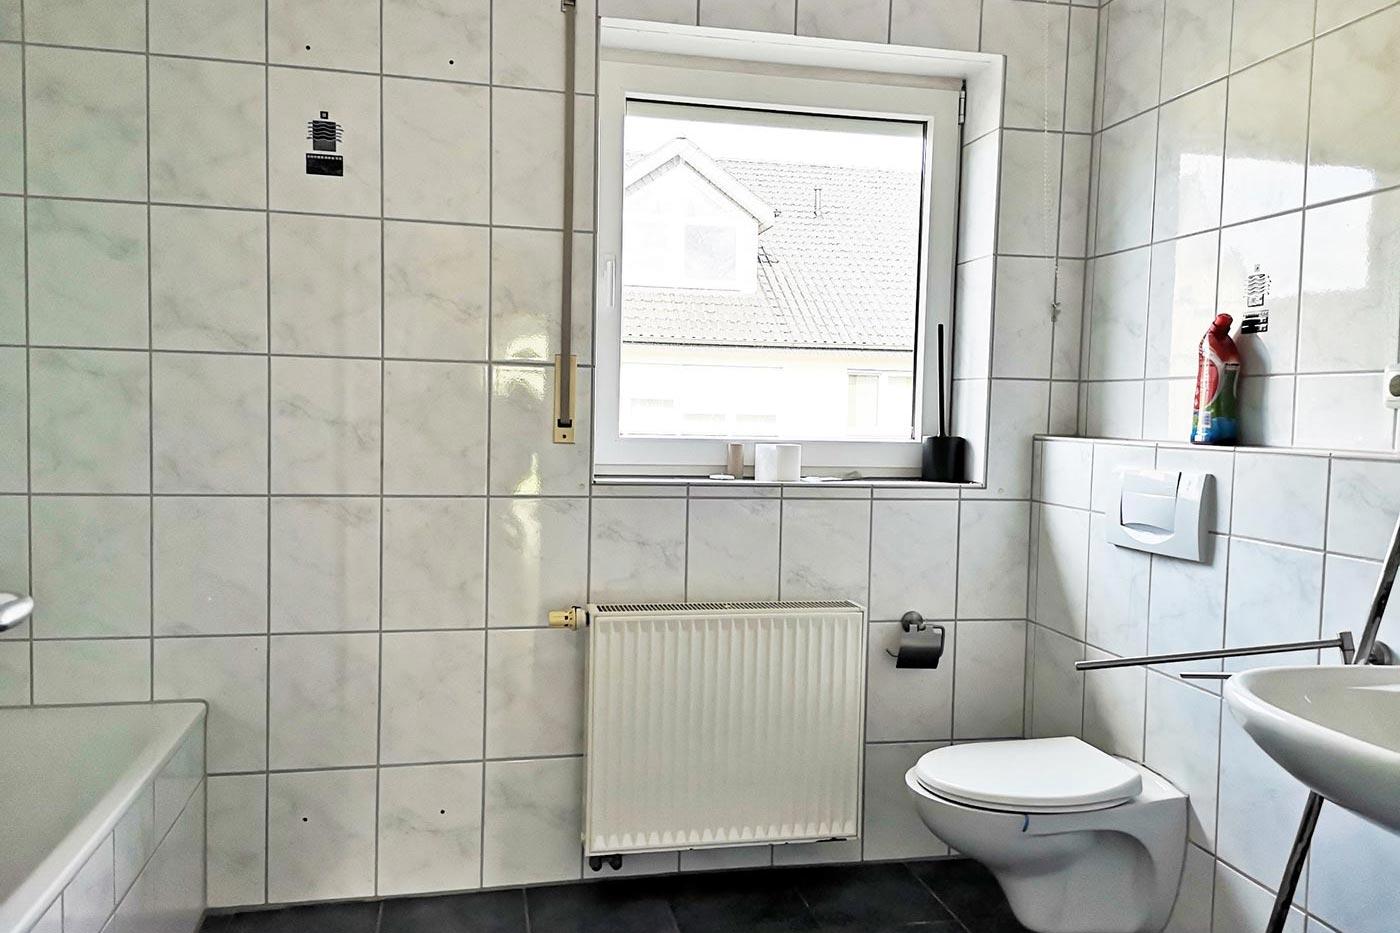 Vorher Foto vom Badezimmer. Badezimmer vor dem Homestaging durch Blickfang Homestaging in Soest